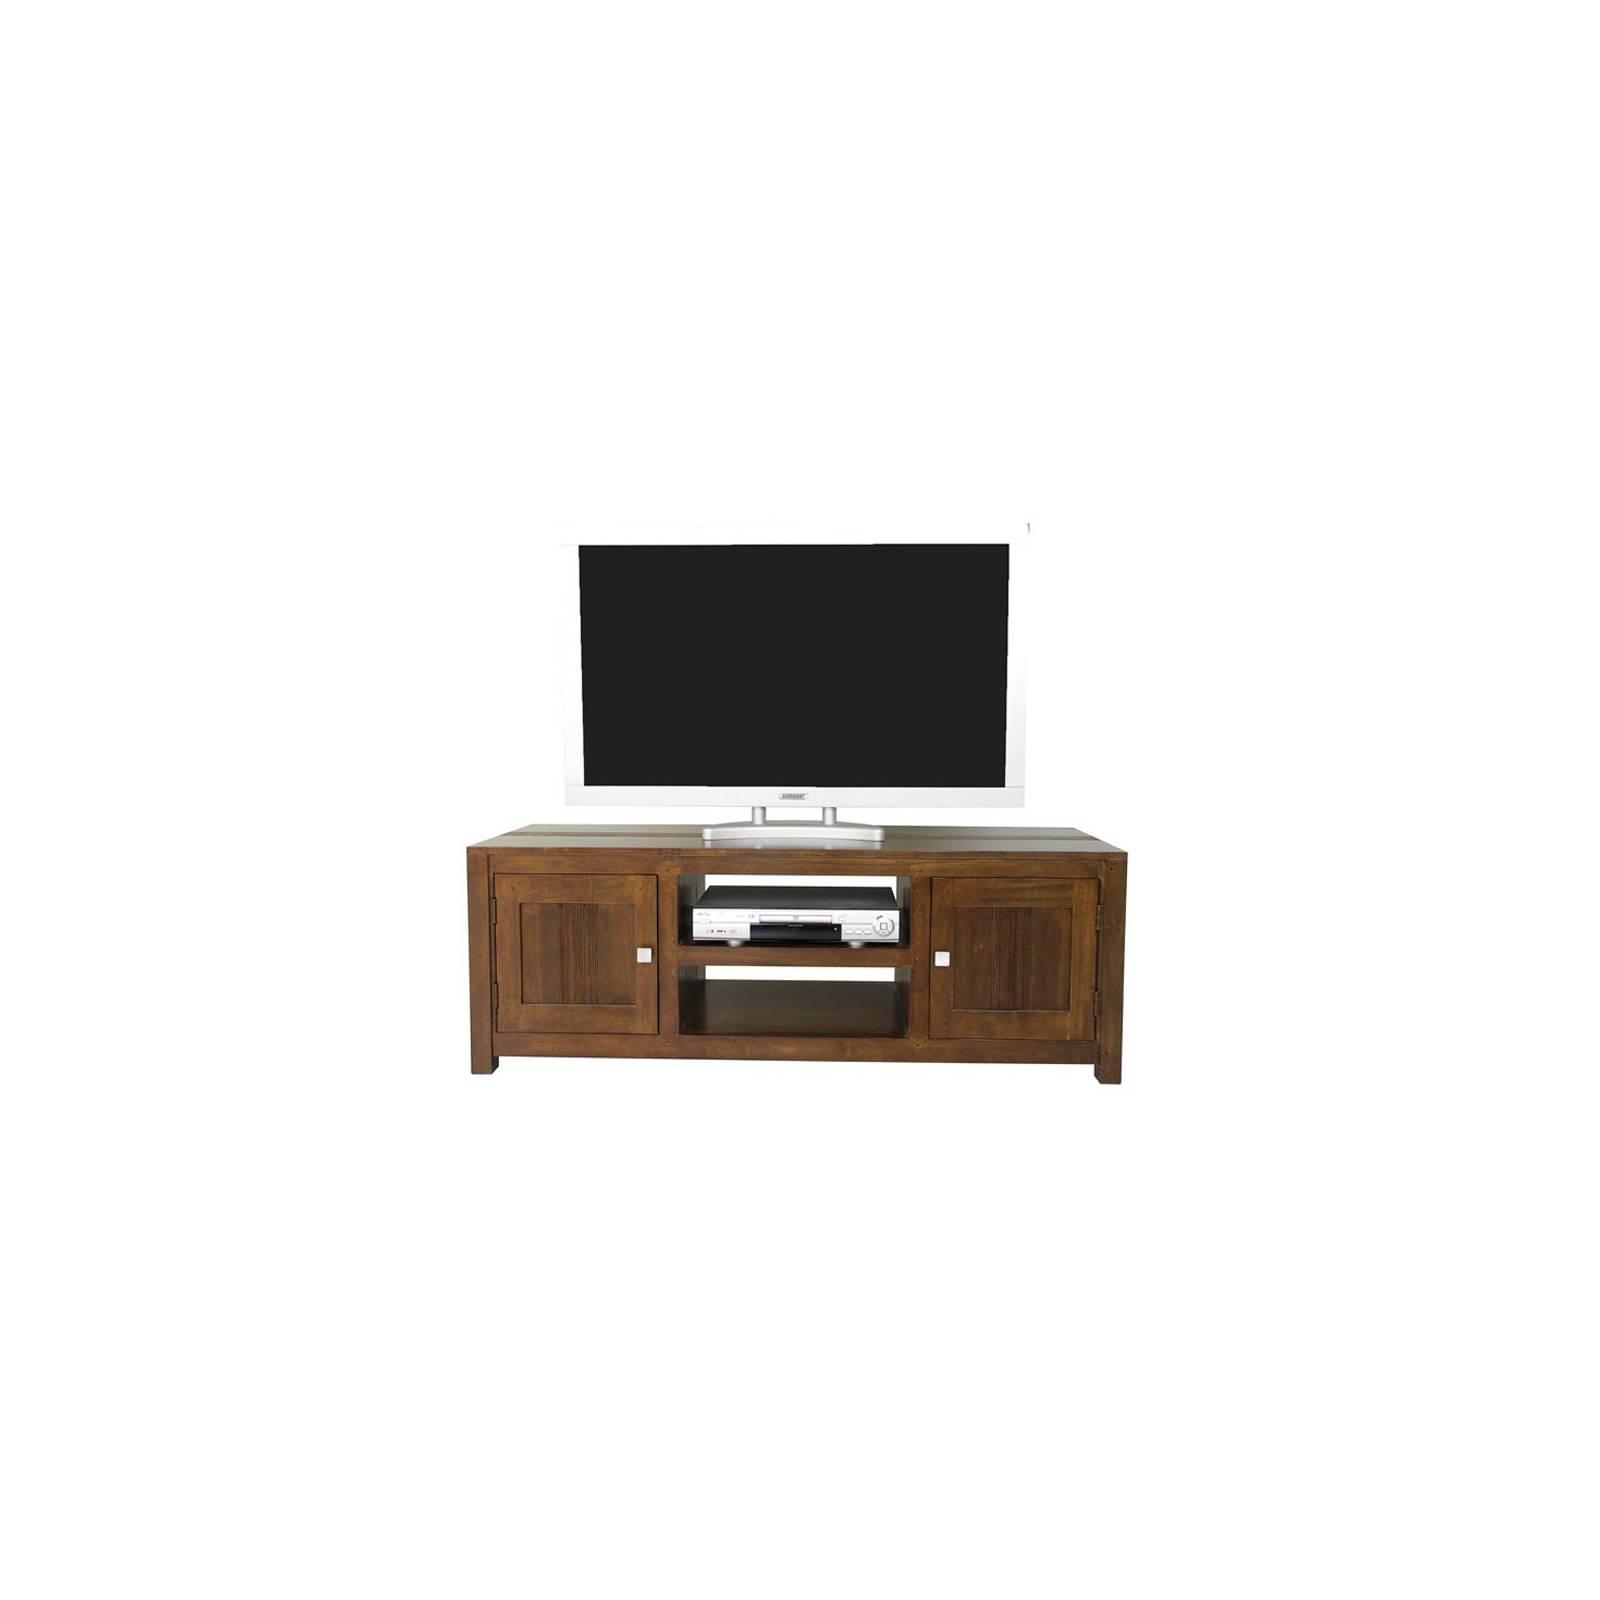 Meuble Tv Strié Siguiri Hévéa - meuble colonial